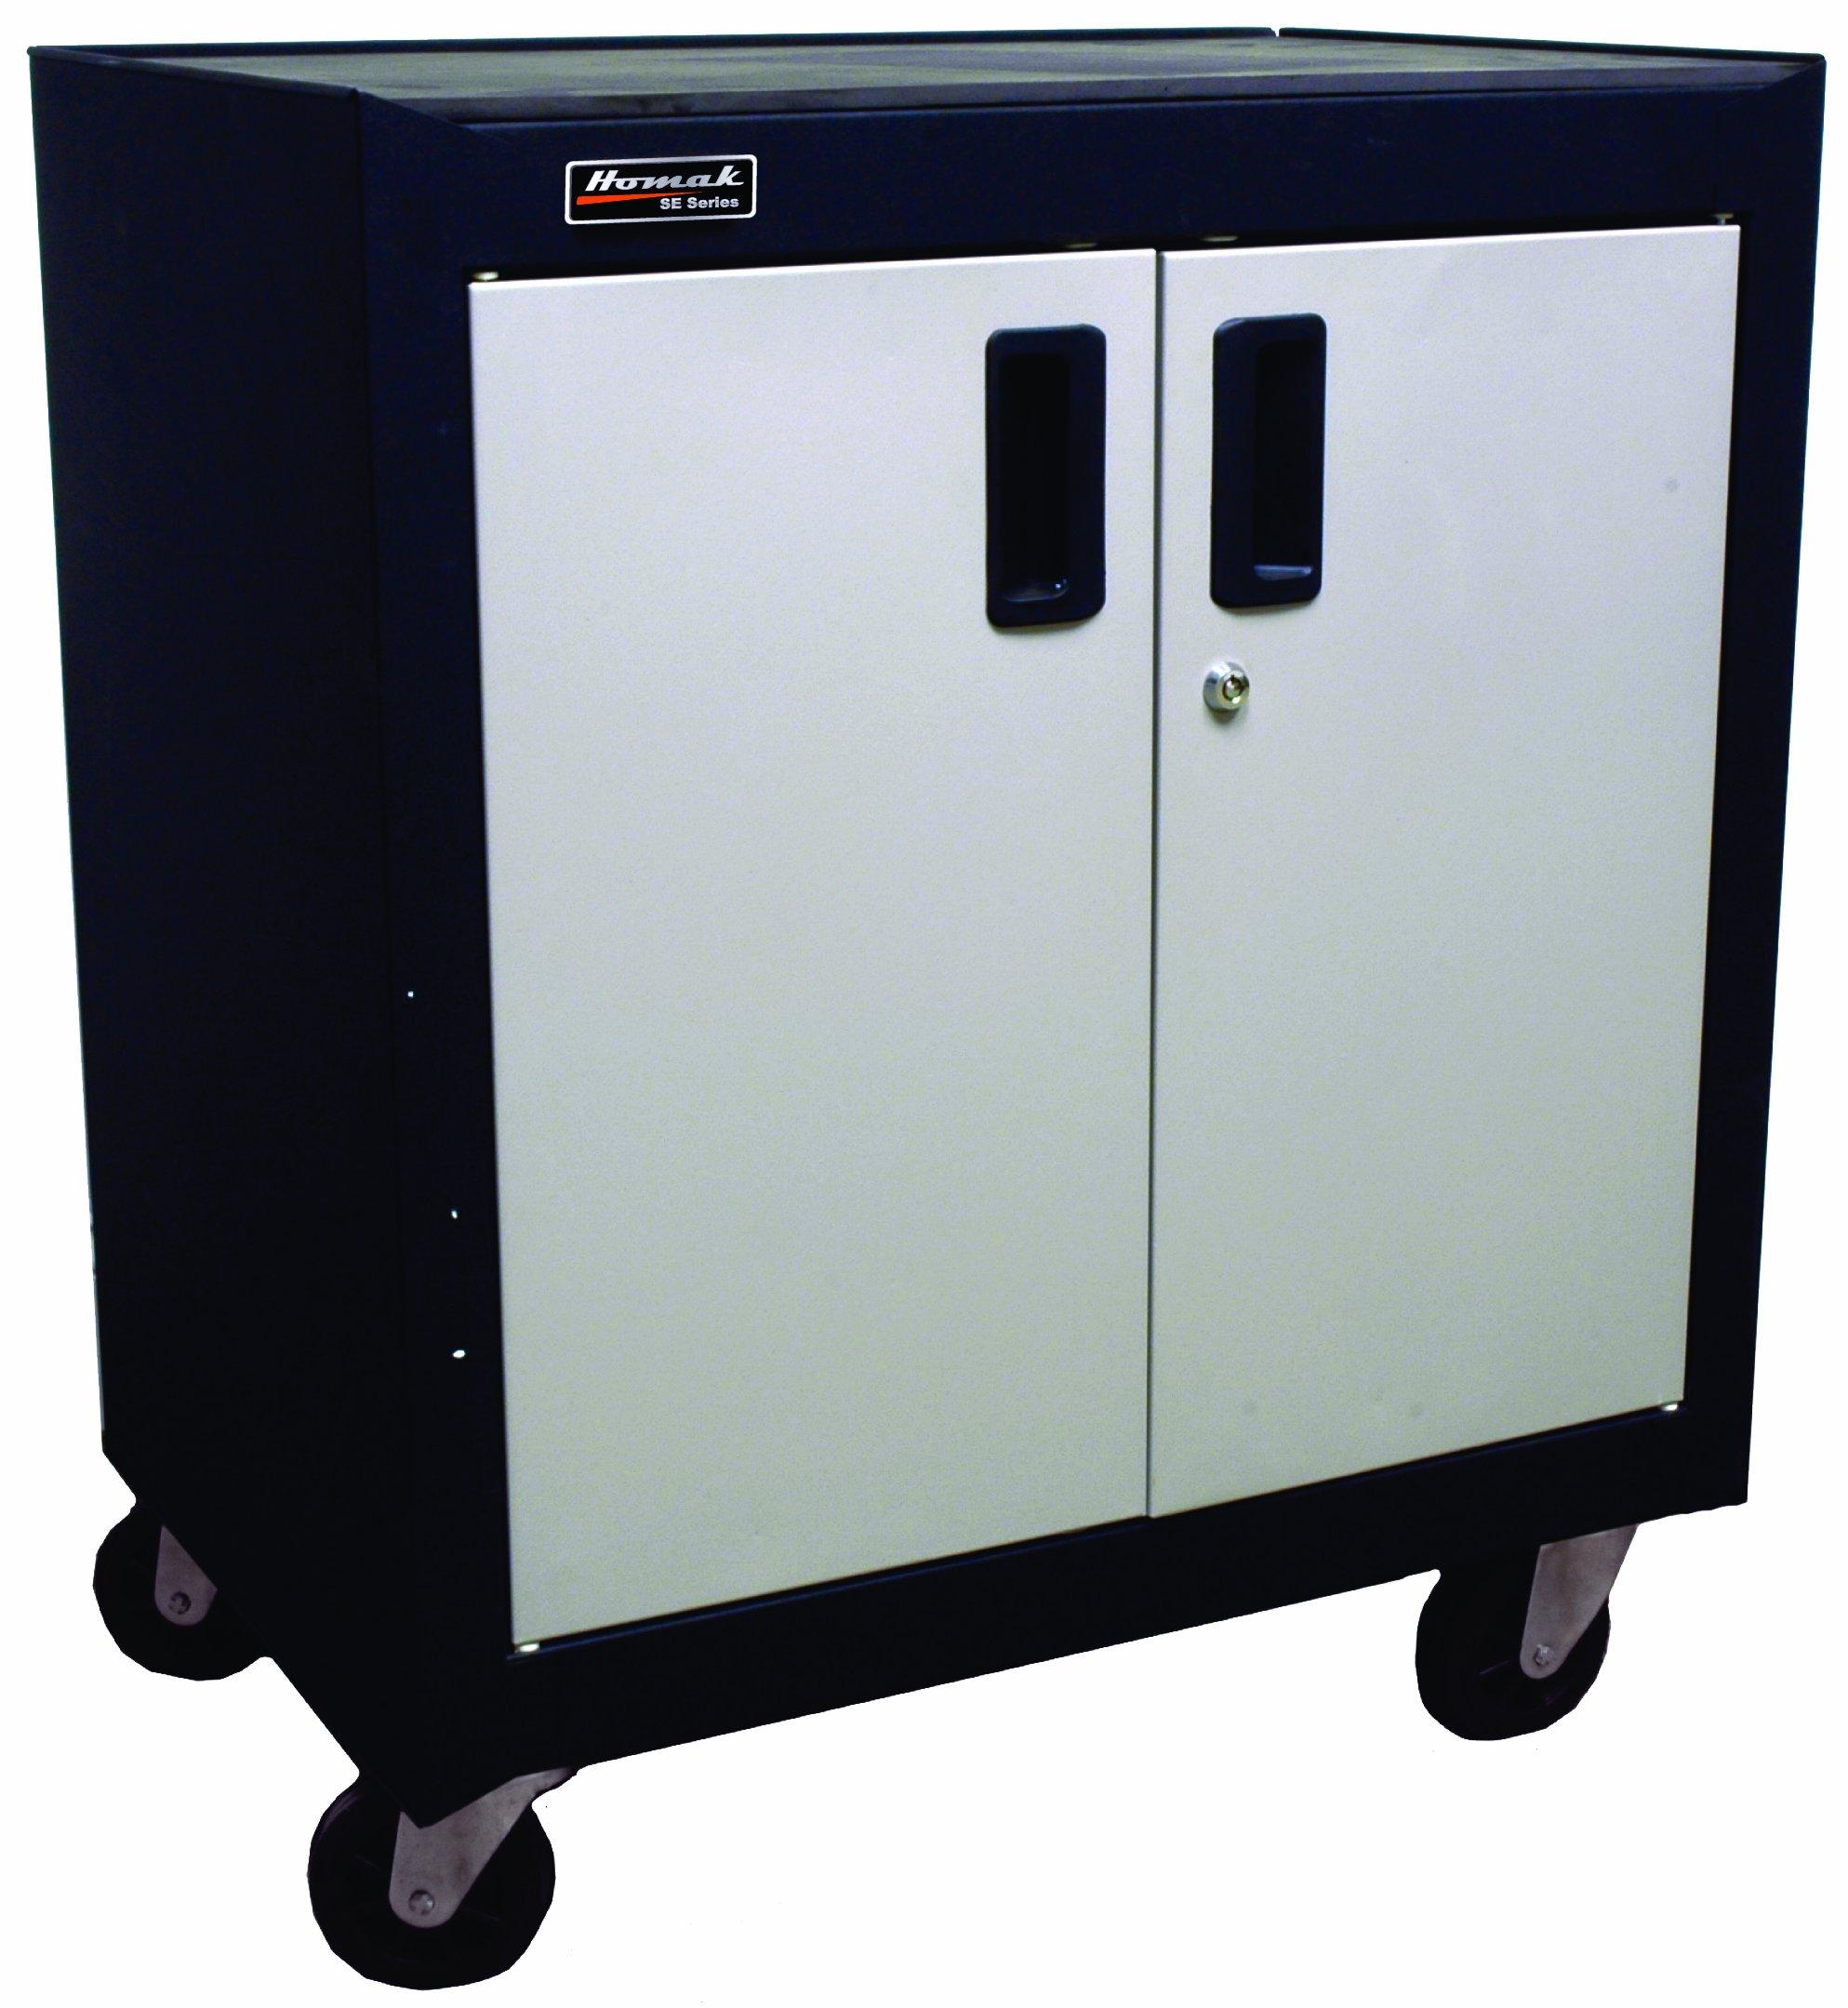 Homak GS04002270 2 Door Mobile Cabinet with Gliding Shelf, Steel